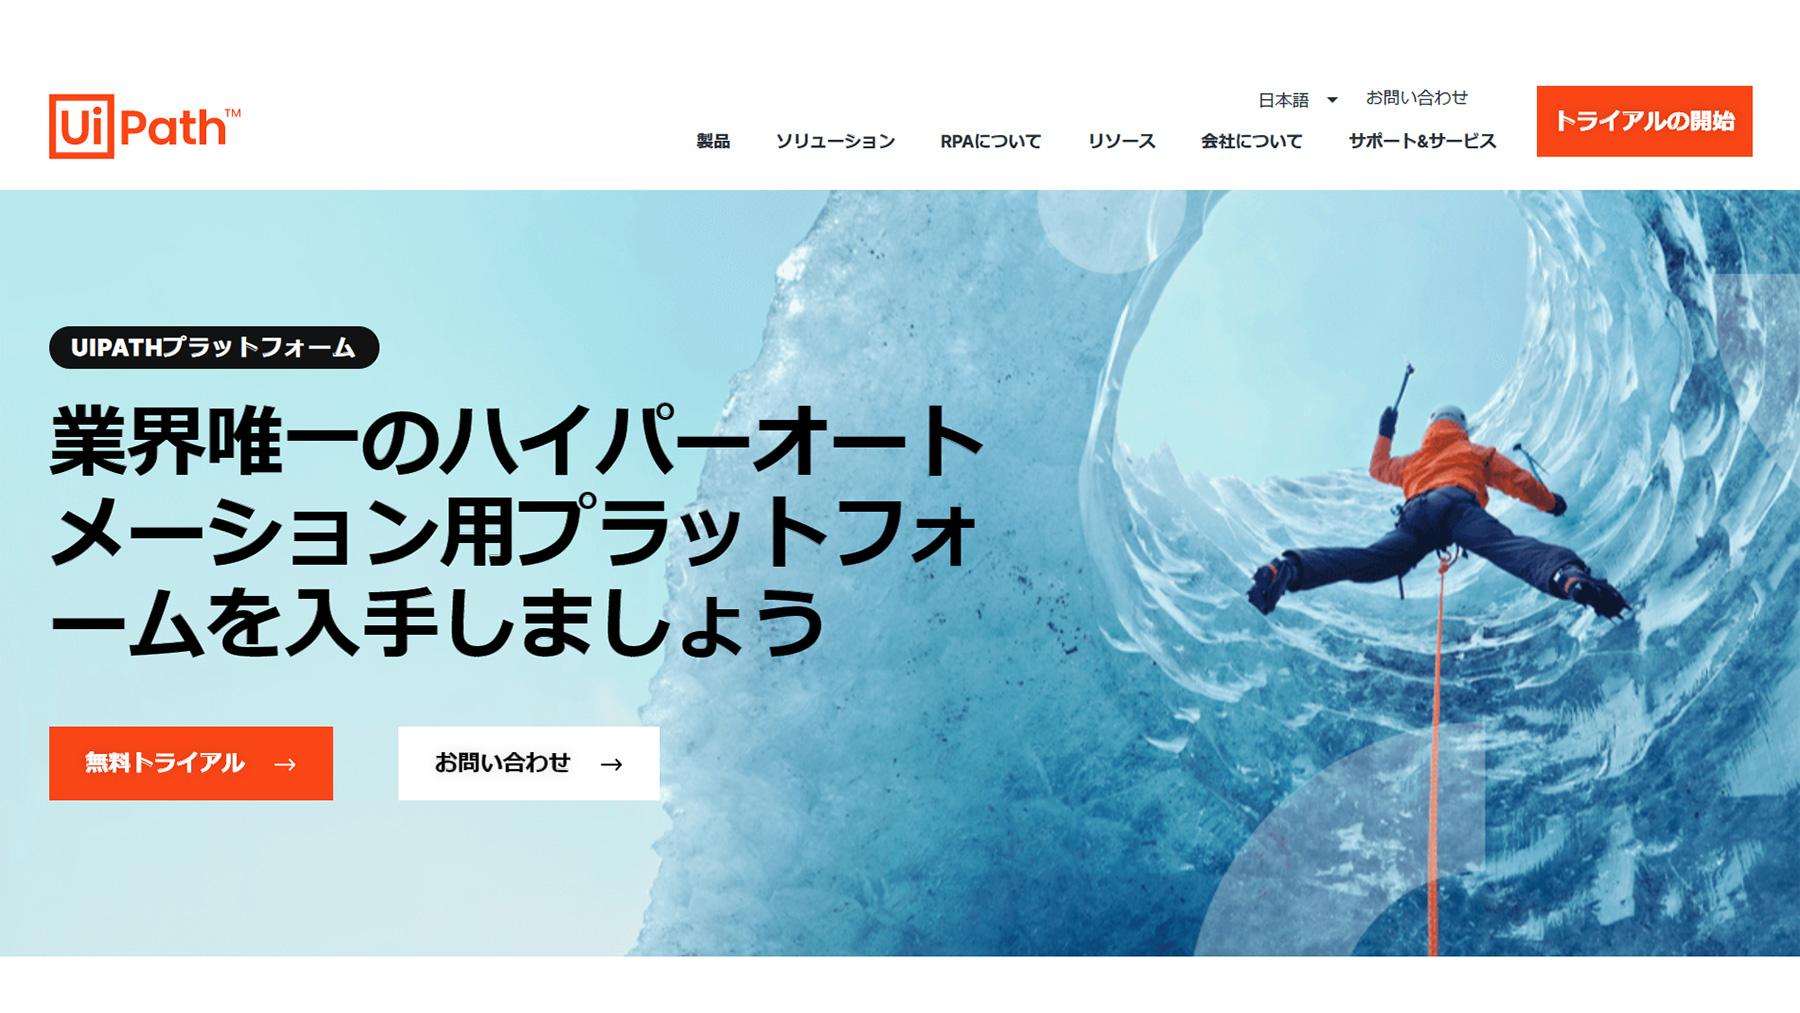 UiPath公式Webサイト